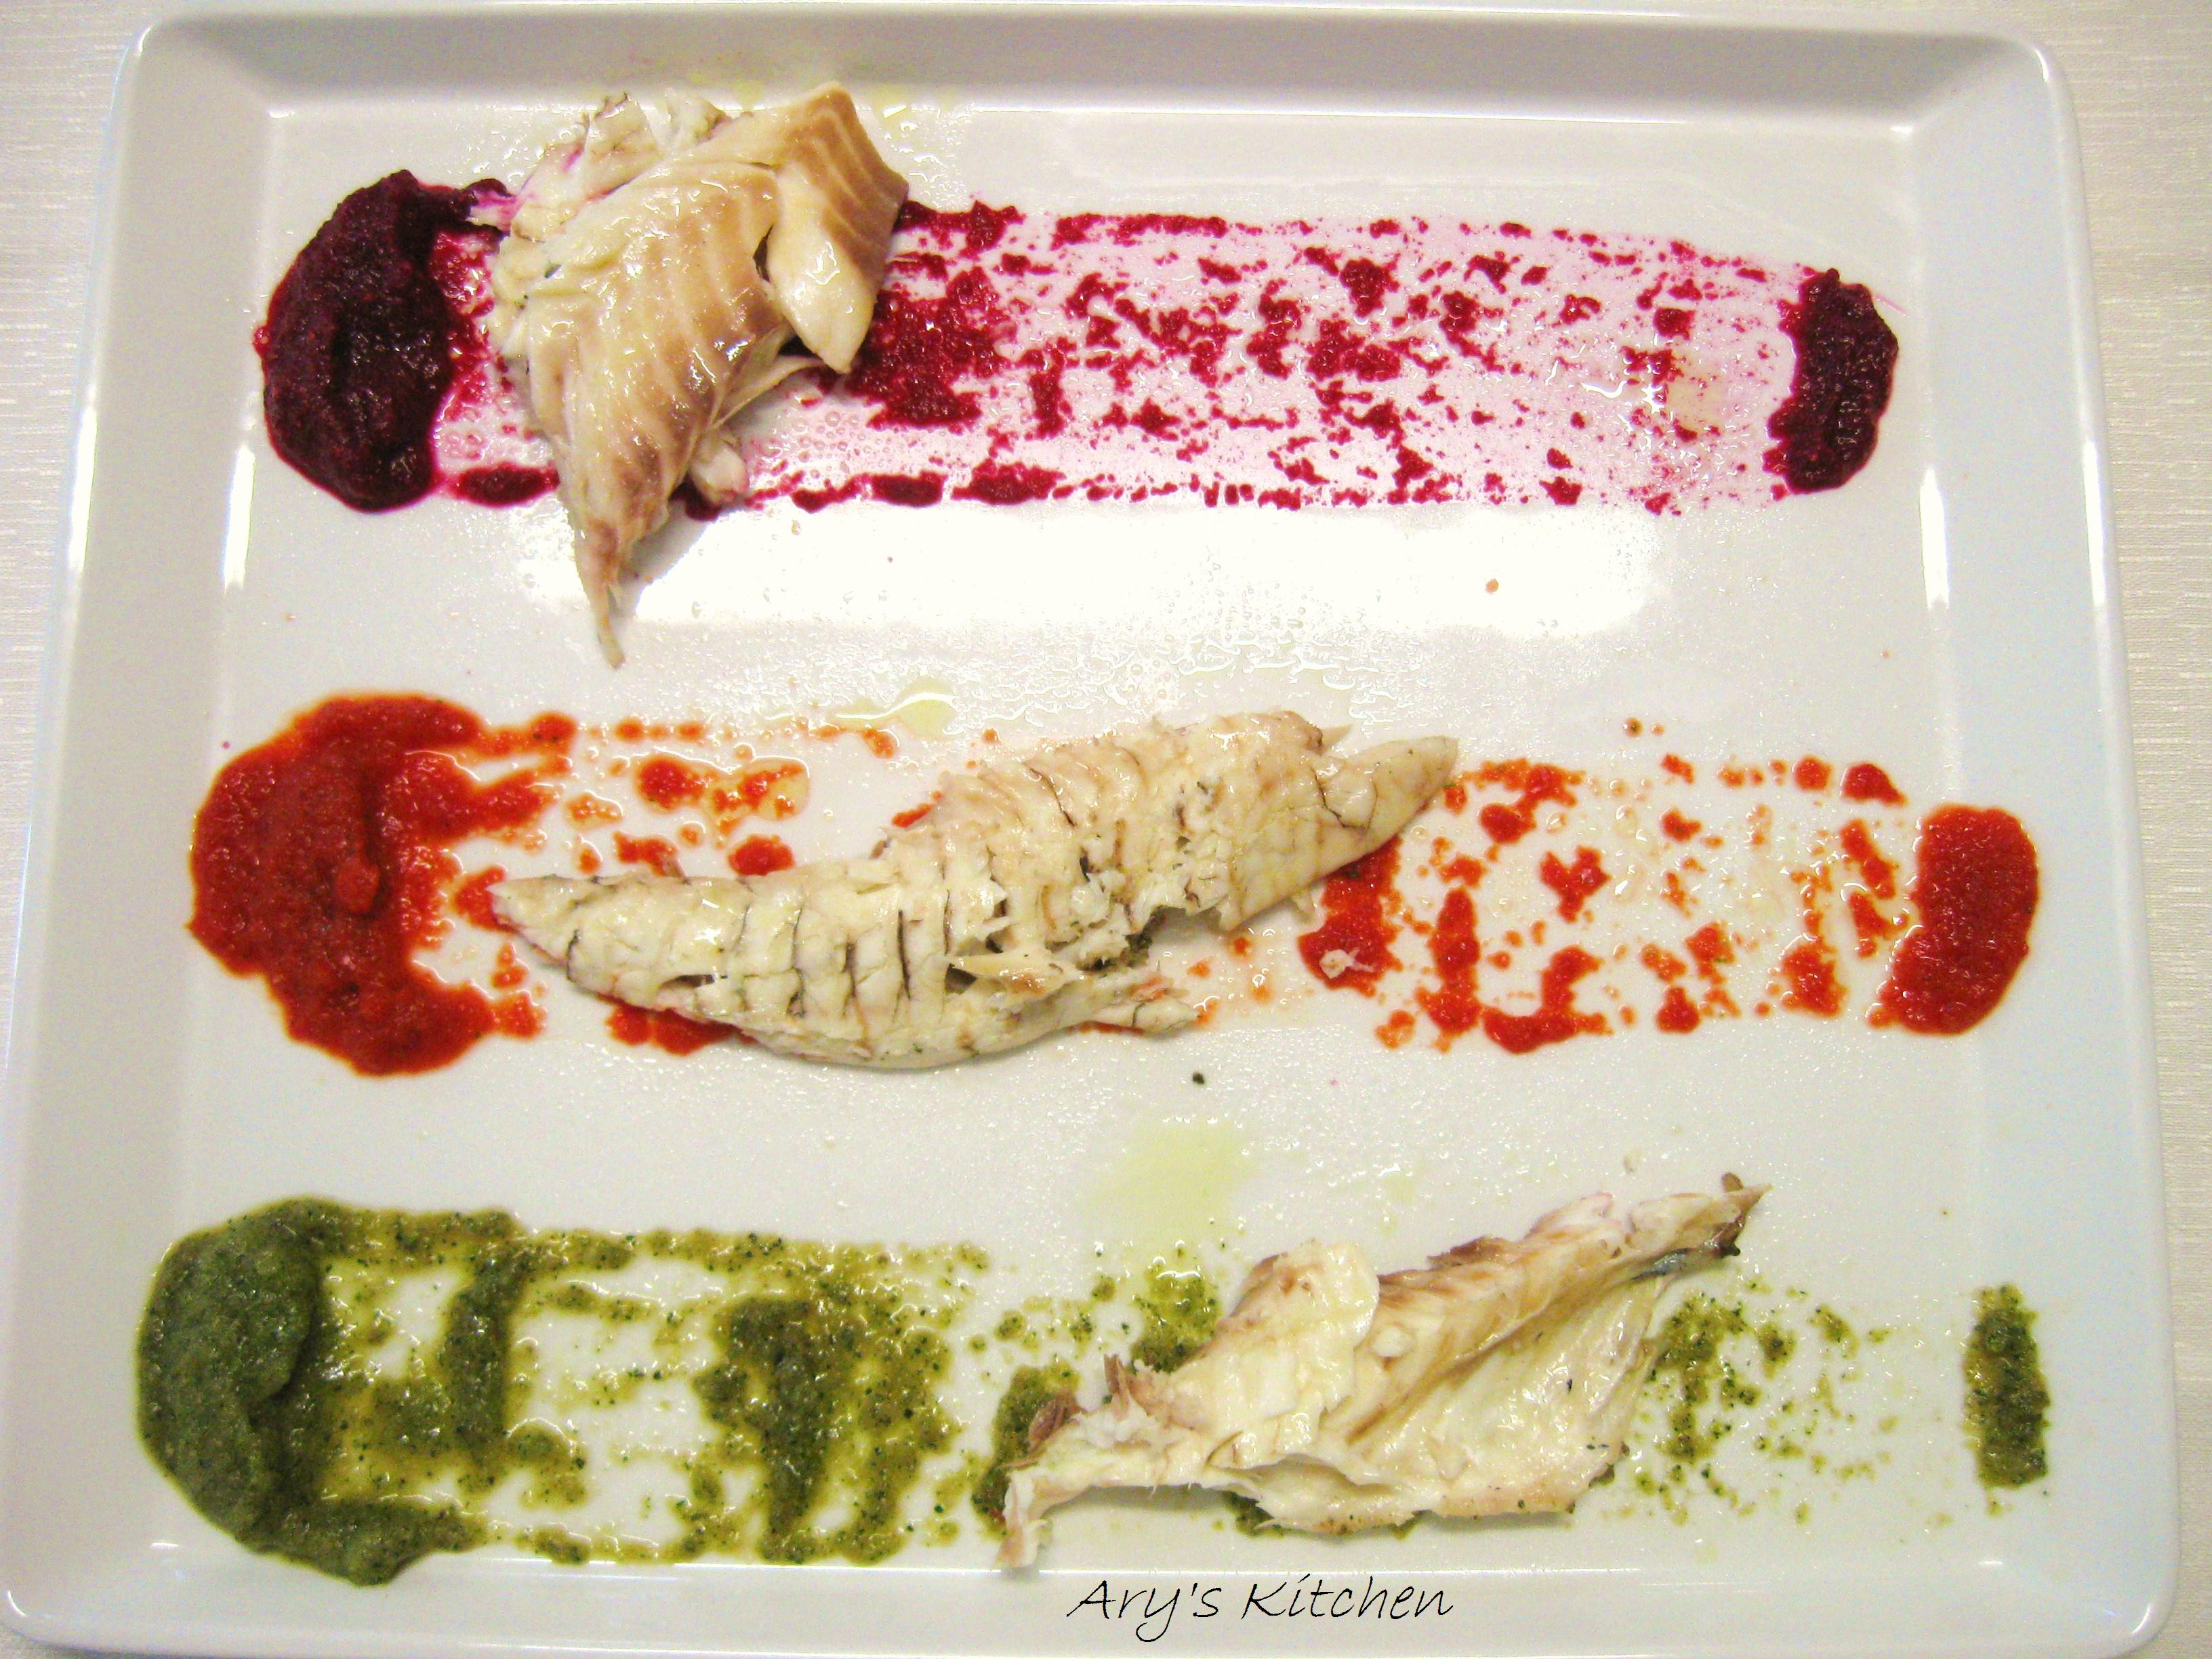 Il mio piatto di Cucina Welness: Orata in forno in crosta di sale e erbe aromatiche con le sue tre creme di verdure a crudo( barbabietola rossa e granella di nocciole- peperoni rossi e basilico- zucchine, aglio e maggiorana)